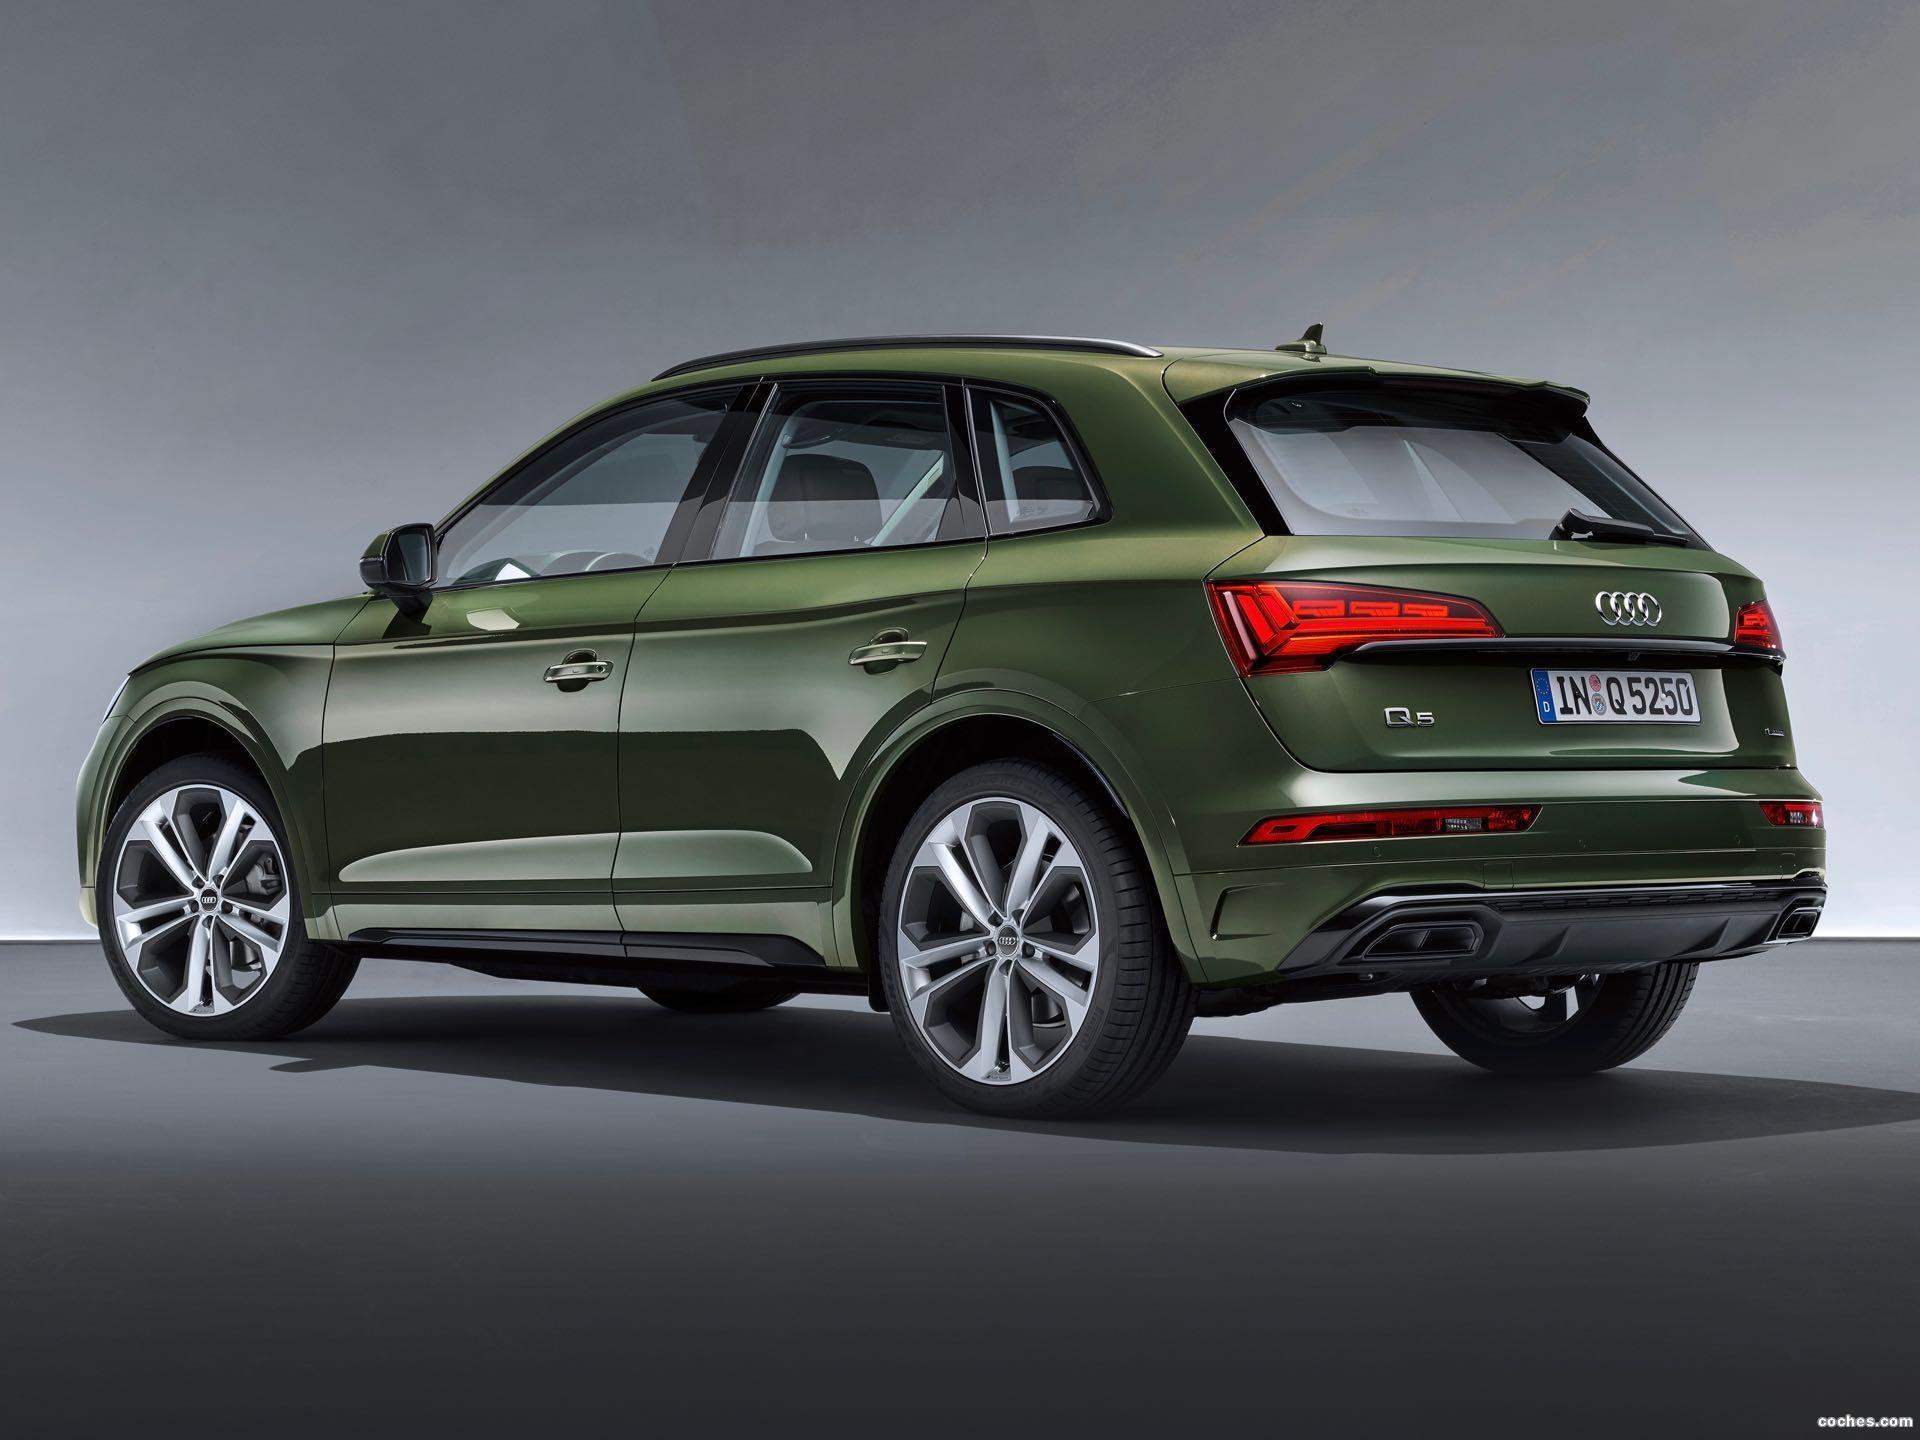 Foto 29 de Audi Q5 40 TDI quattro S line 2020